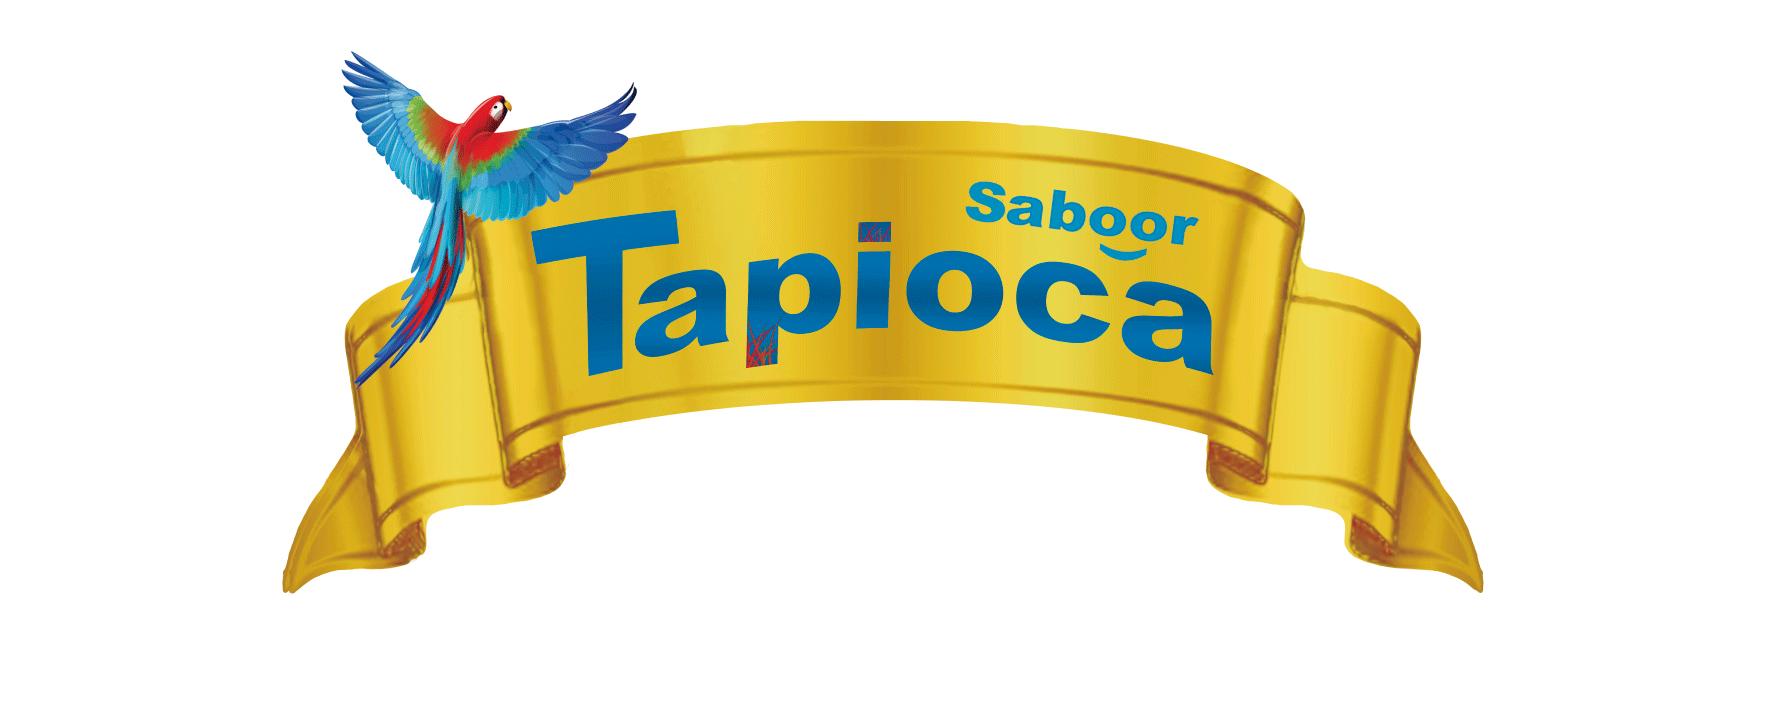 Saboor Tapioca